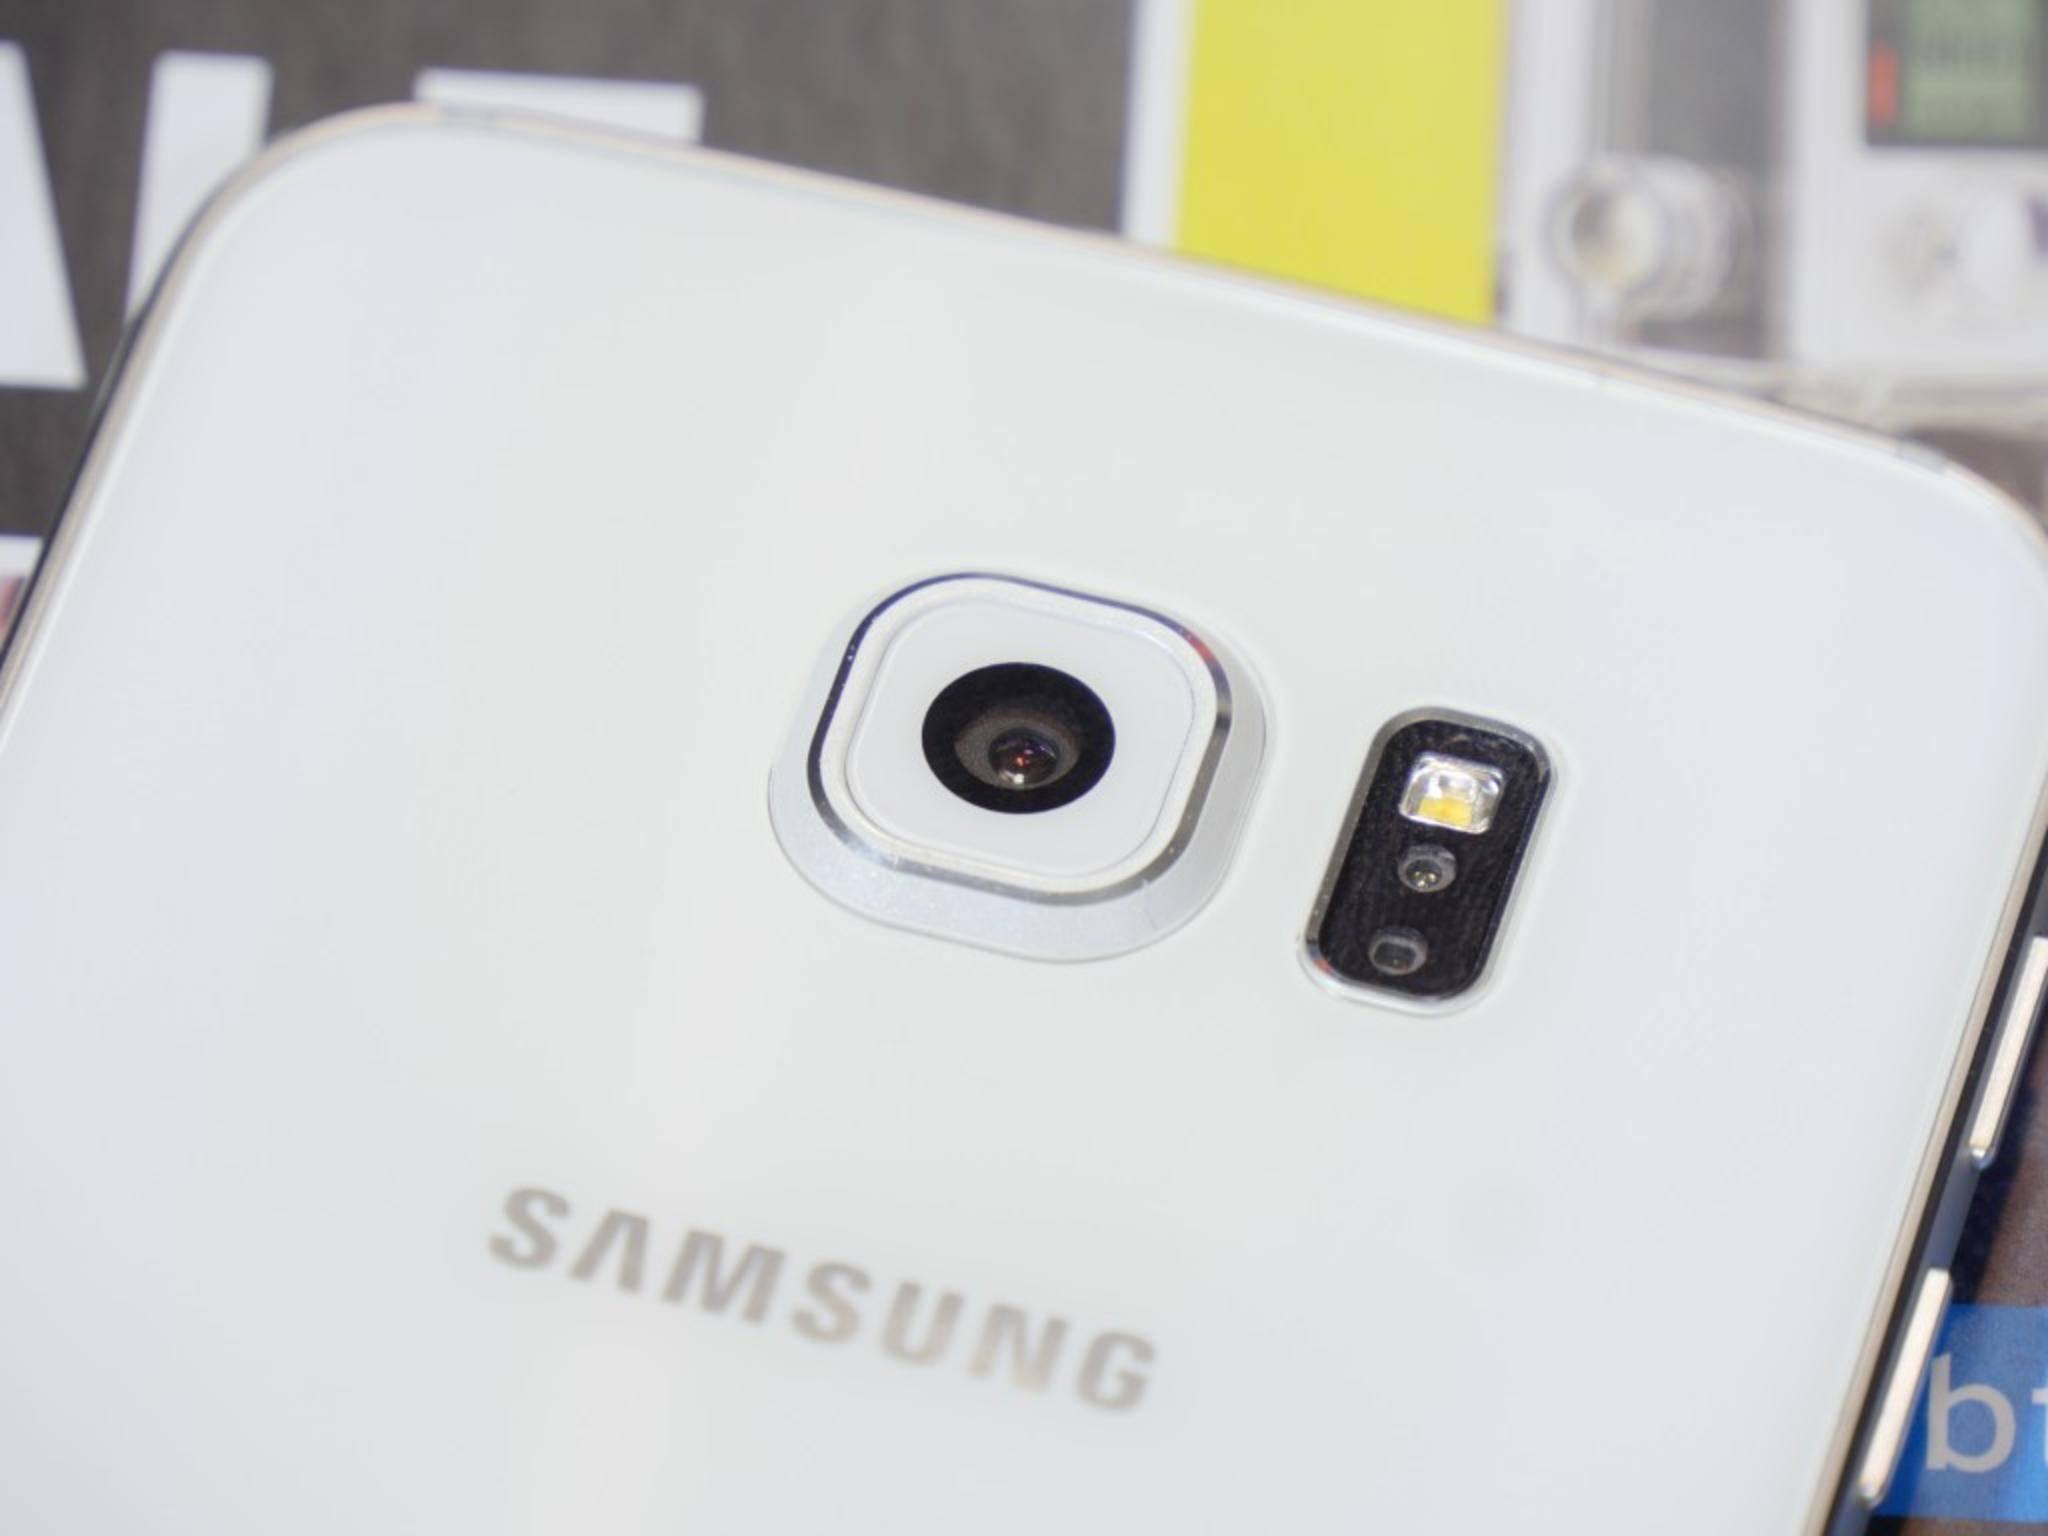 Beim kommenden Galaxy S7 könnte Samsung bis zu 6 GB RAM verbauen.